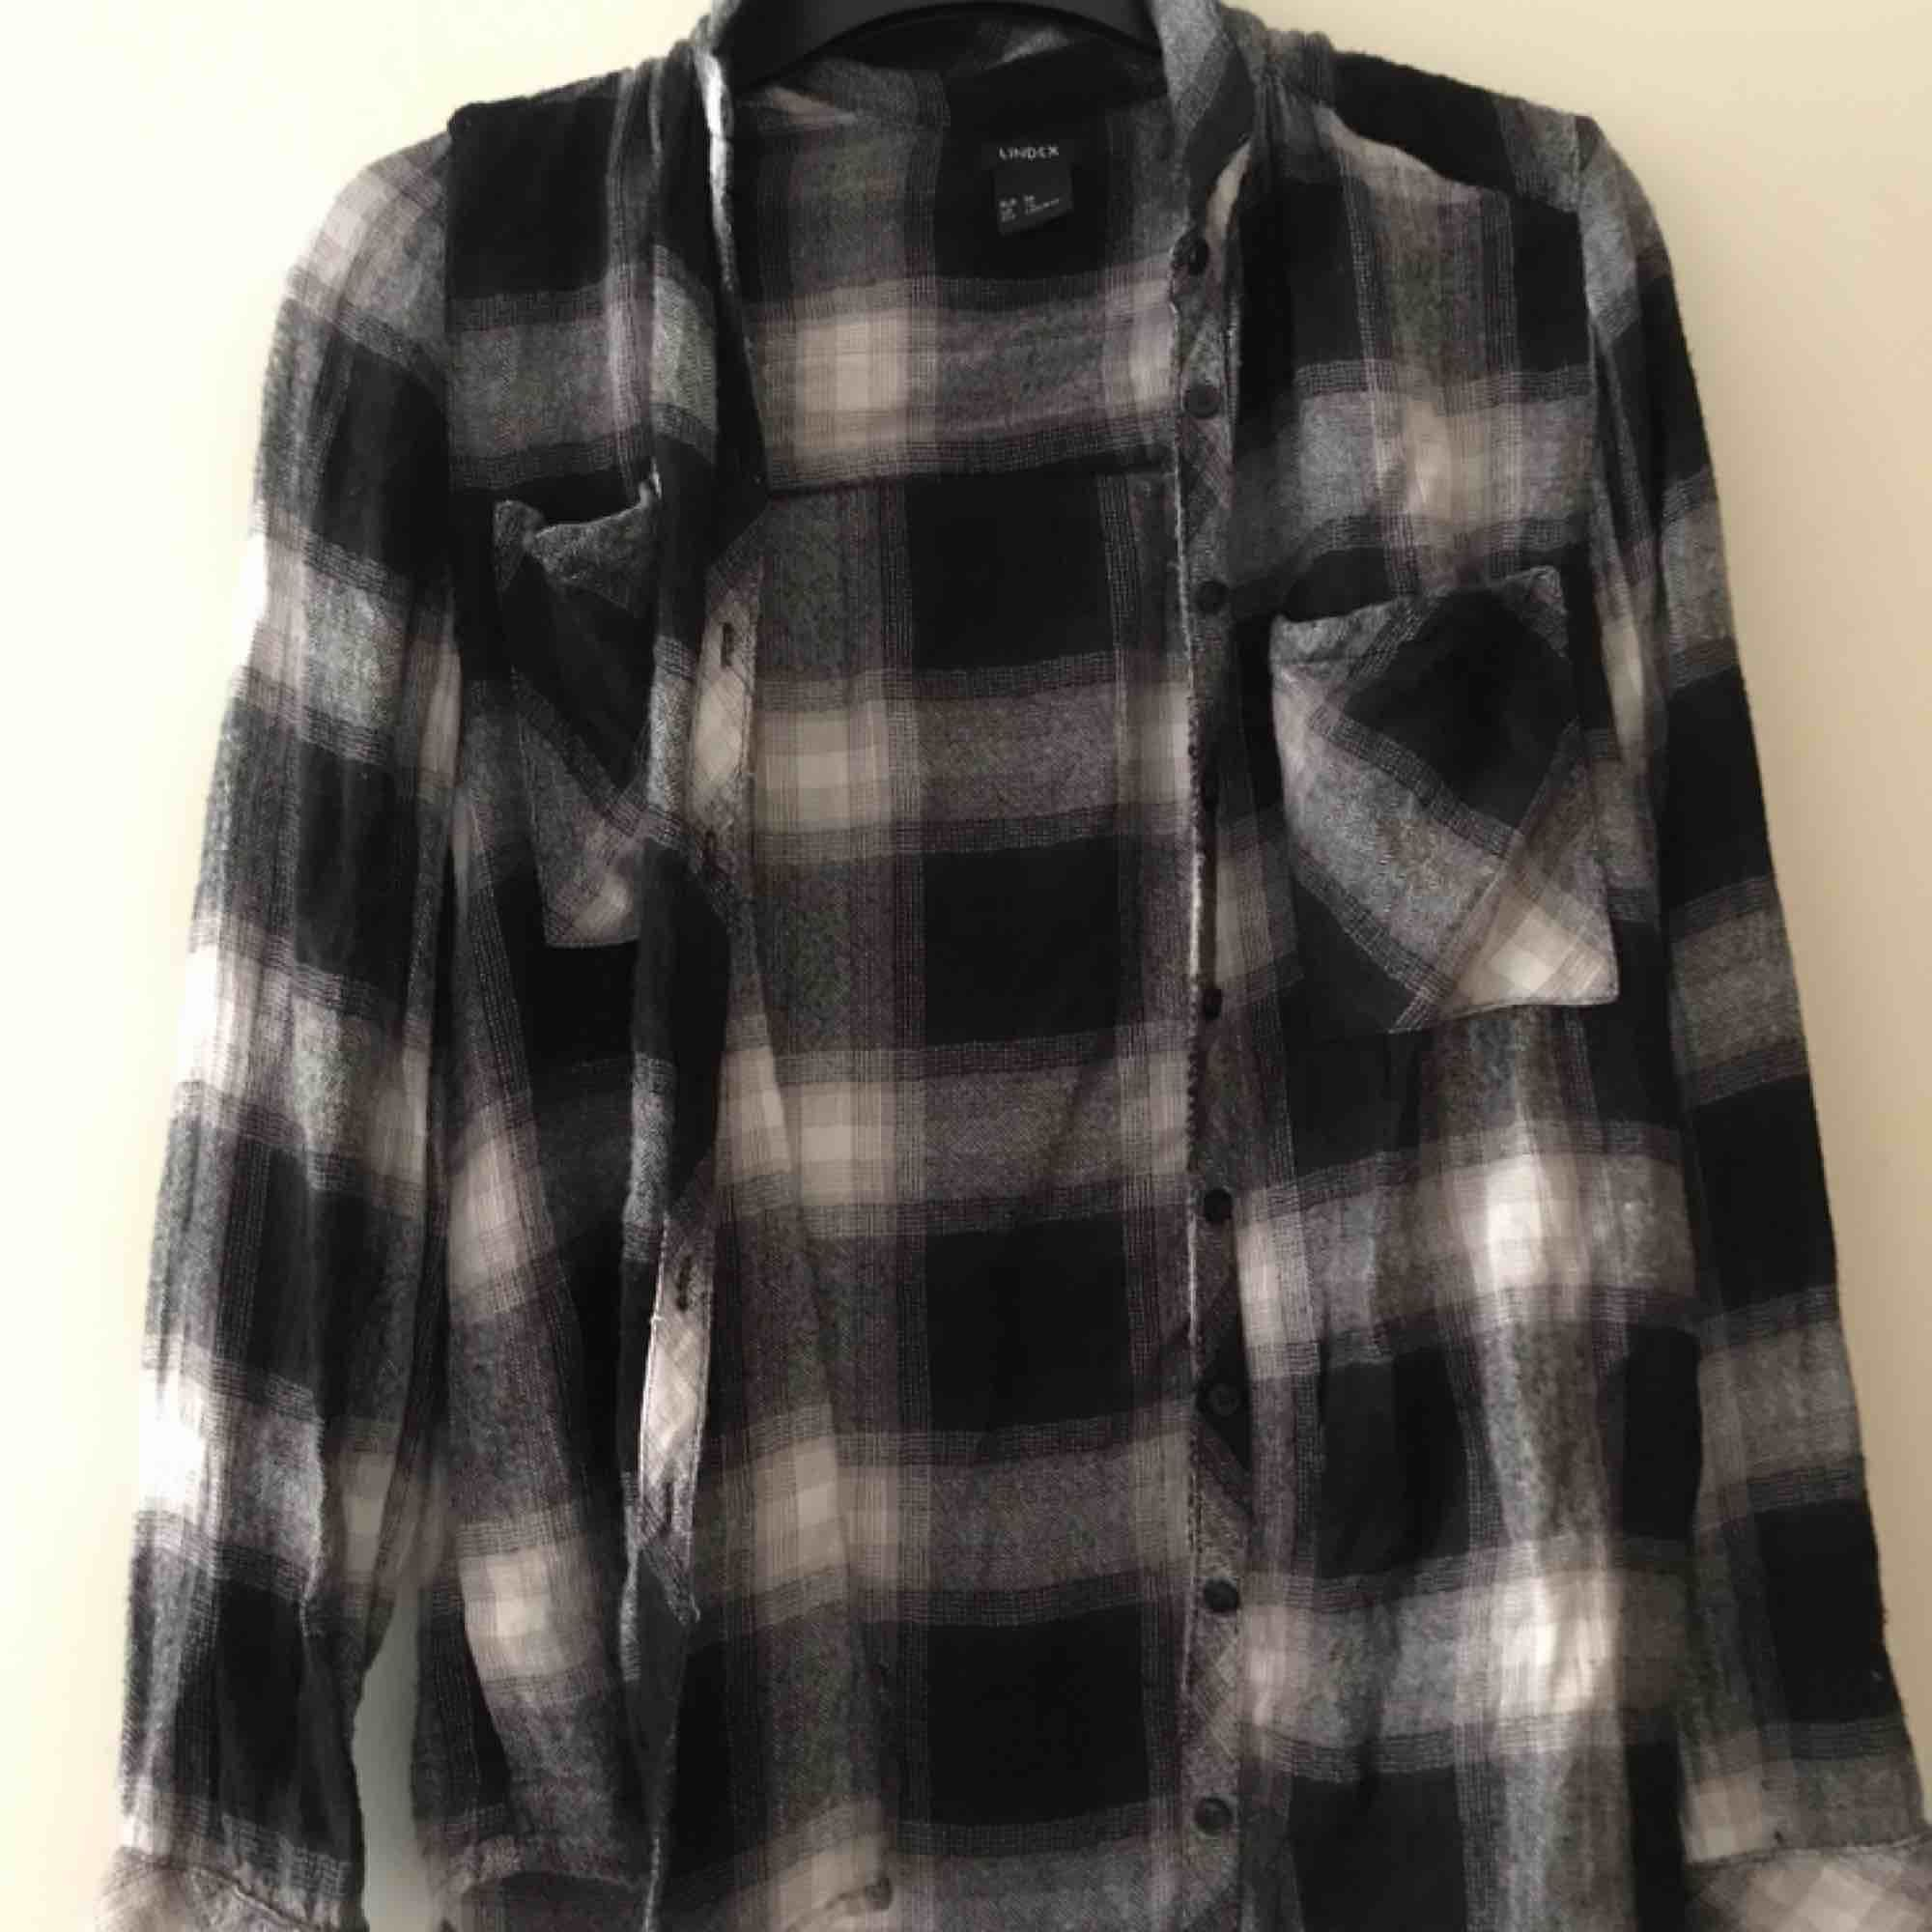 Snygg skjorta från Lindex storlek 36. Använd ett fåtal gånger, fint skick. Köparen står för frakt. Skjortor.